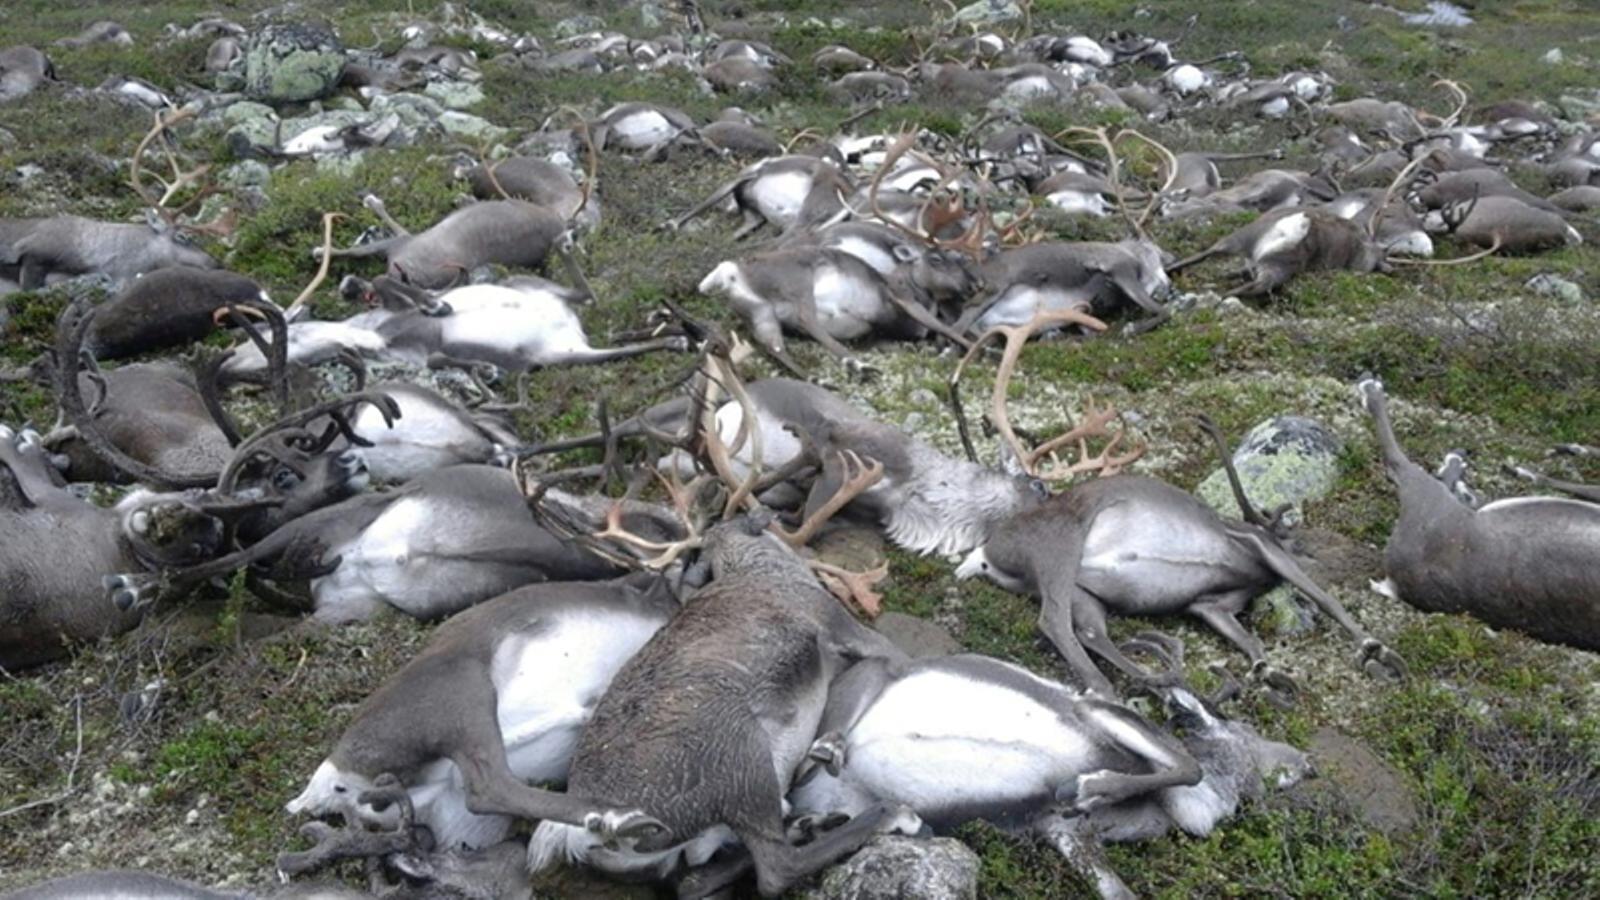 Un llamp mata més de 300 rens a Noruega